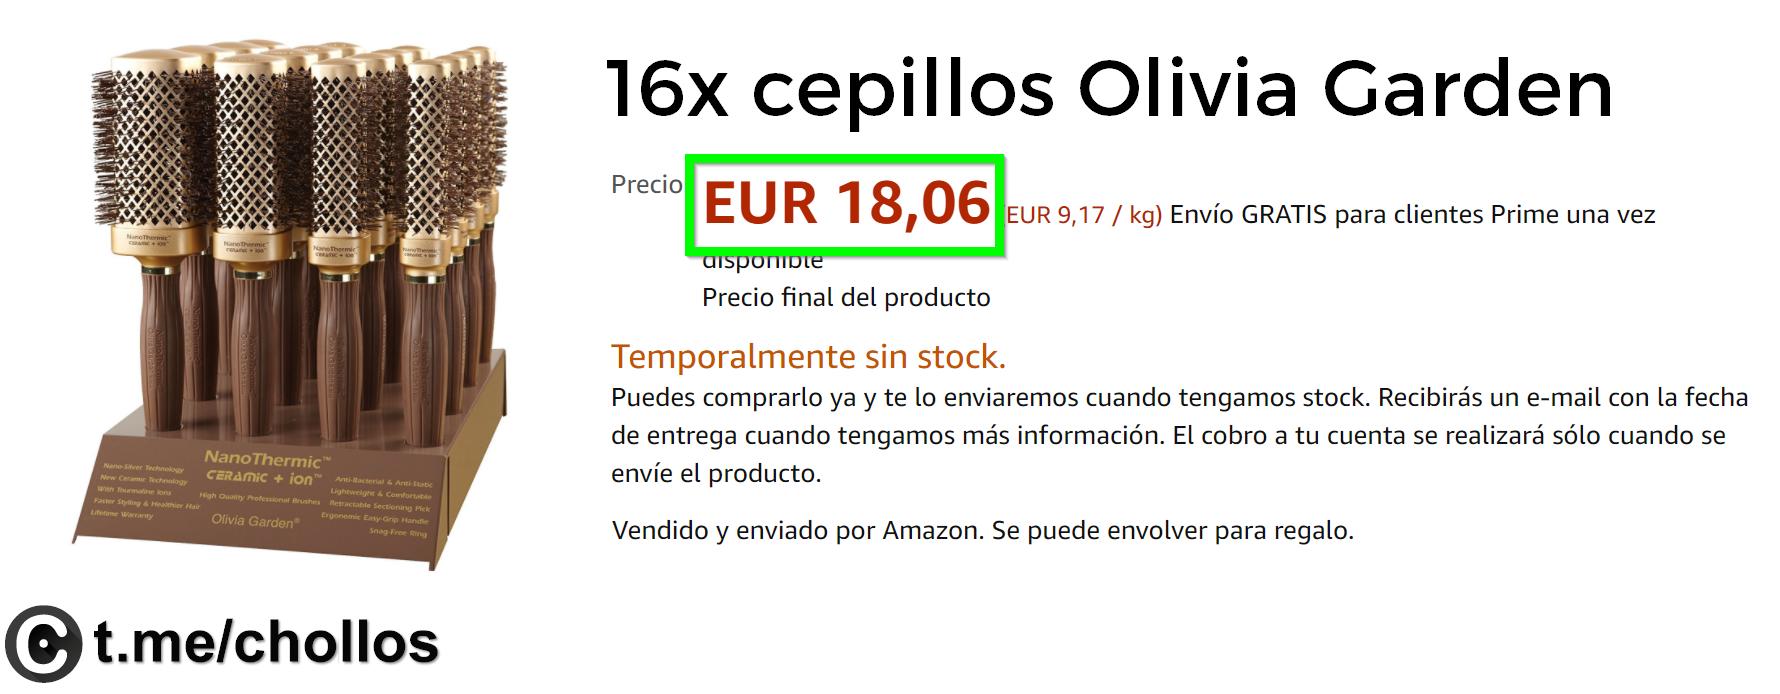 otros, belleza-y-cuidado-personal 16 cepillos Olivia Garden sólo 18€